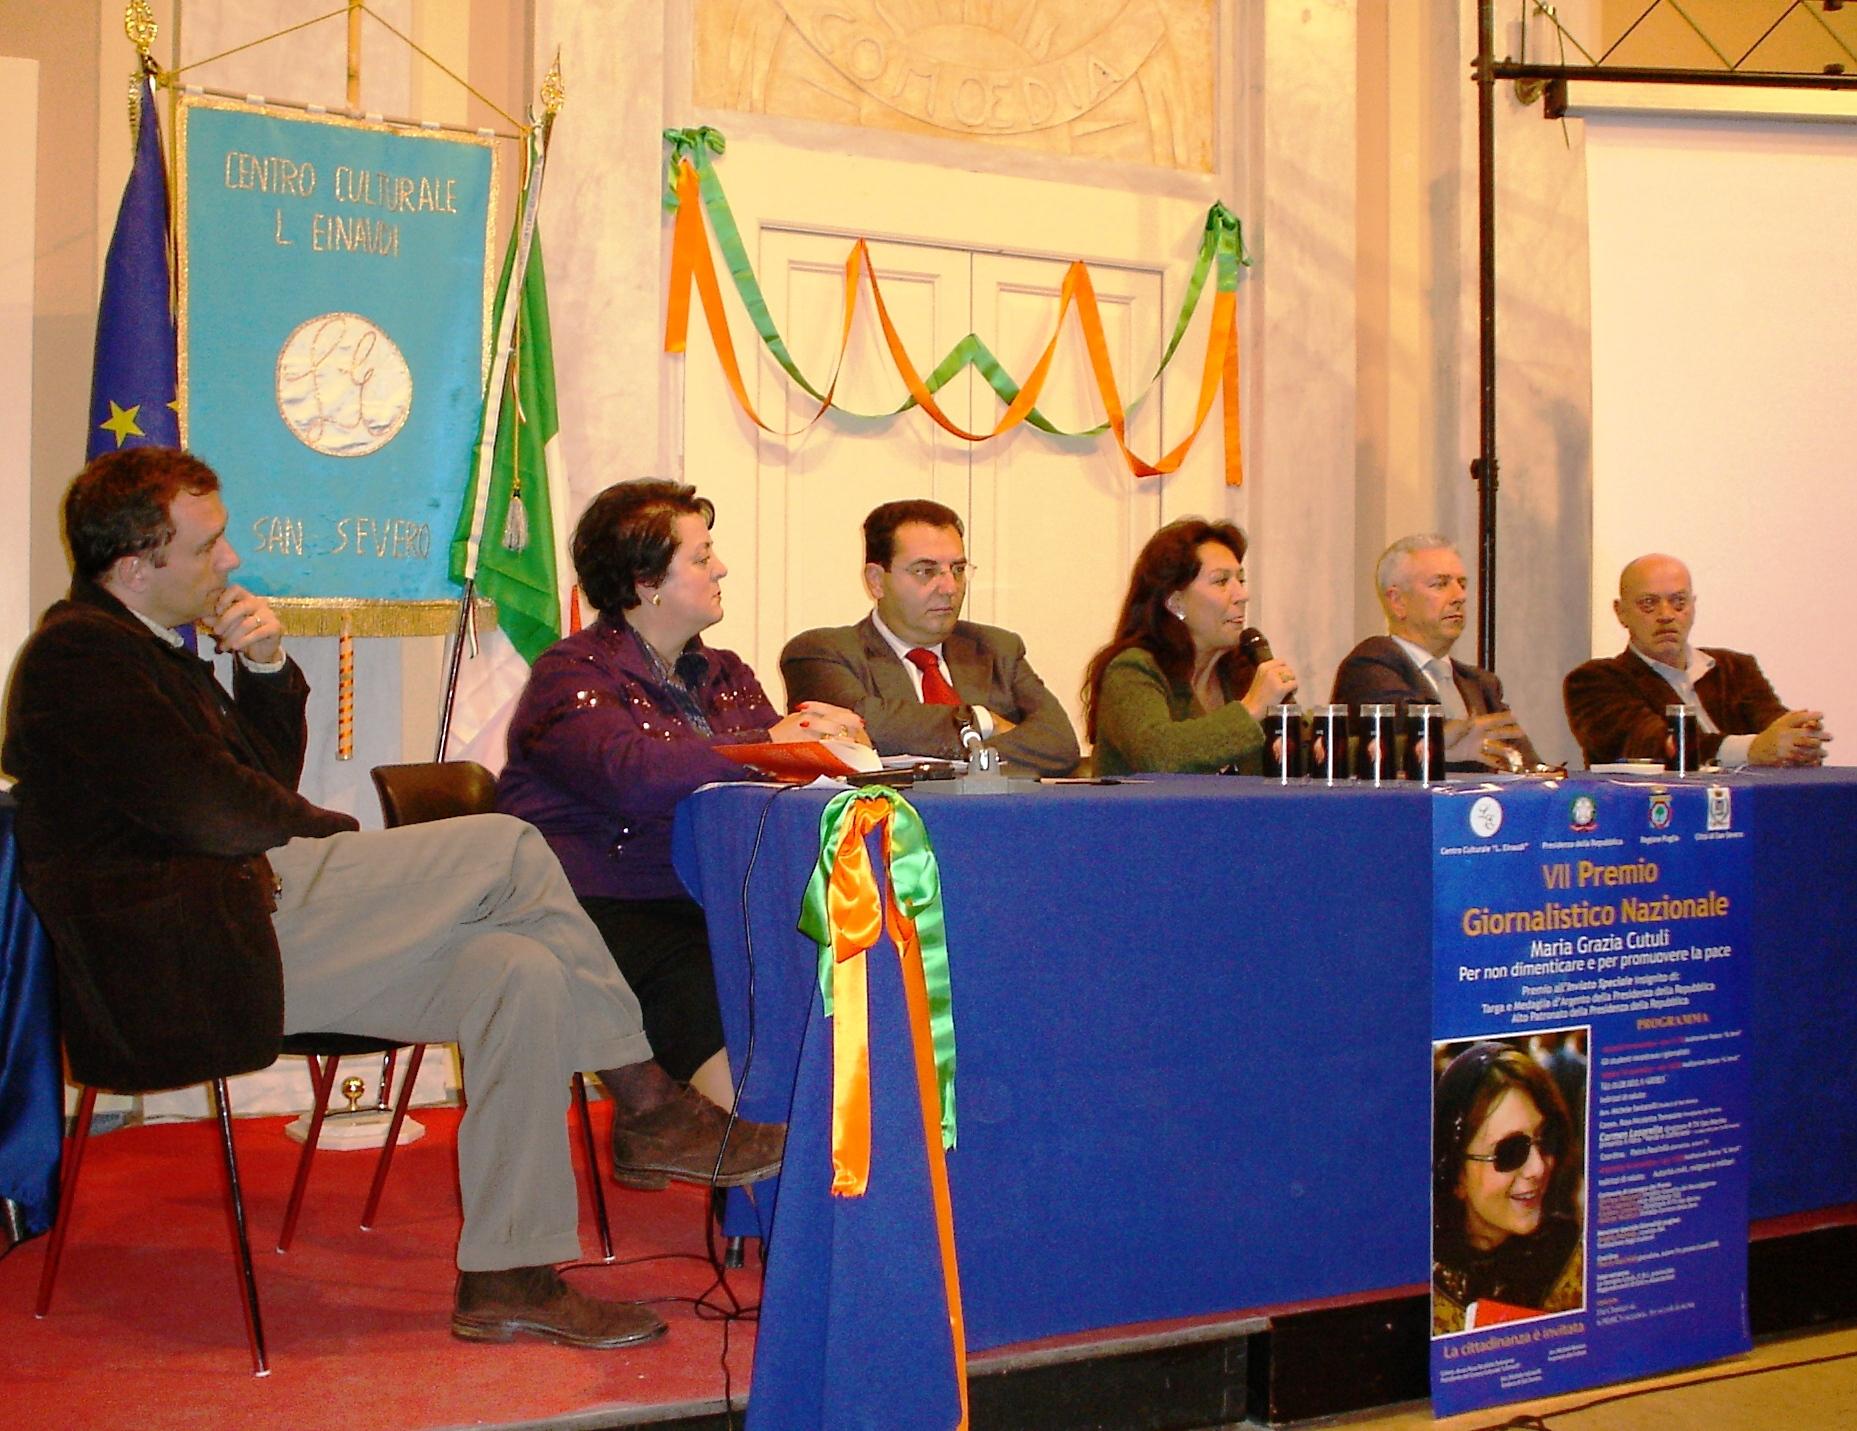 2008 Capuozzi, Lasorella, Nicastro